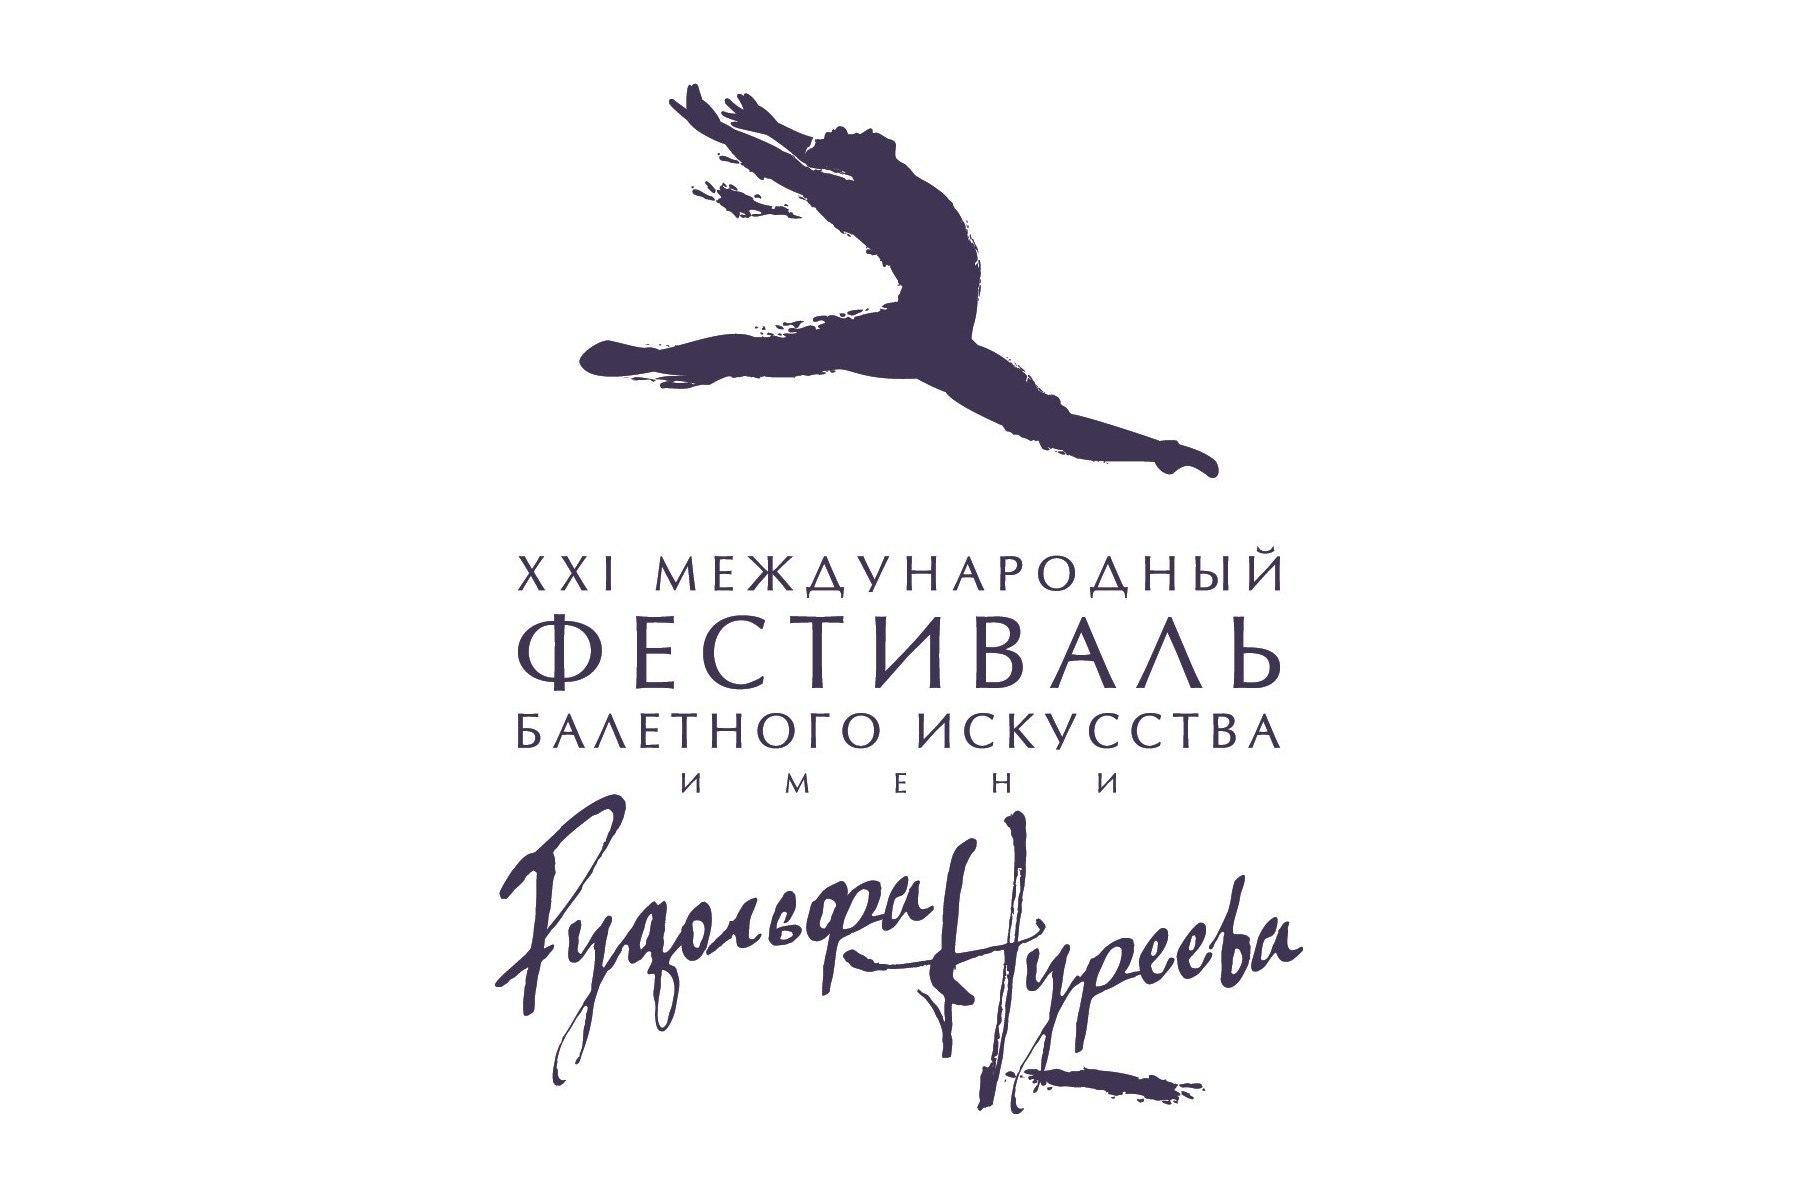 Международный фестиваль балета имени Нуреева открывается 23мая вУфе